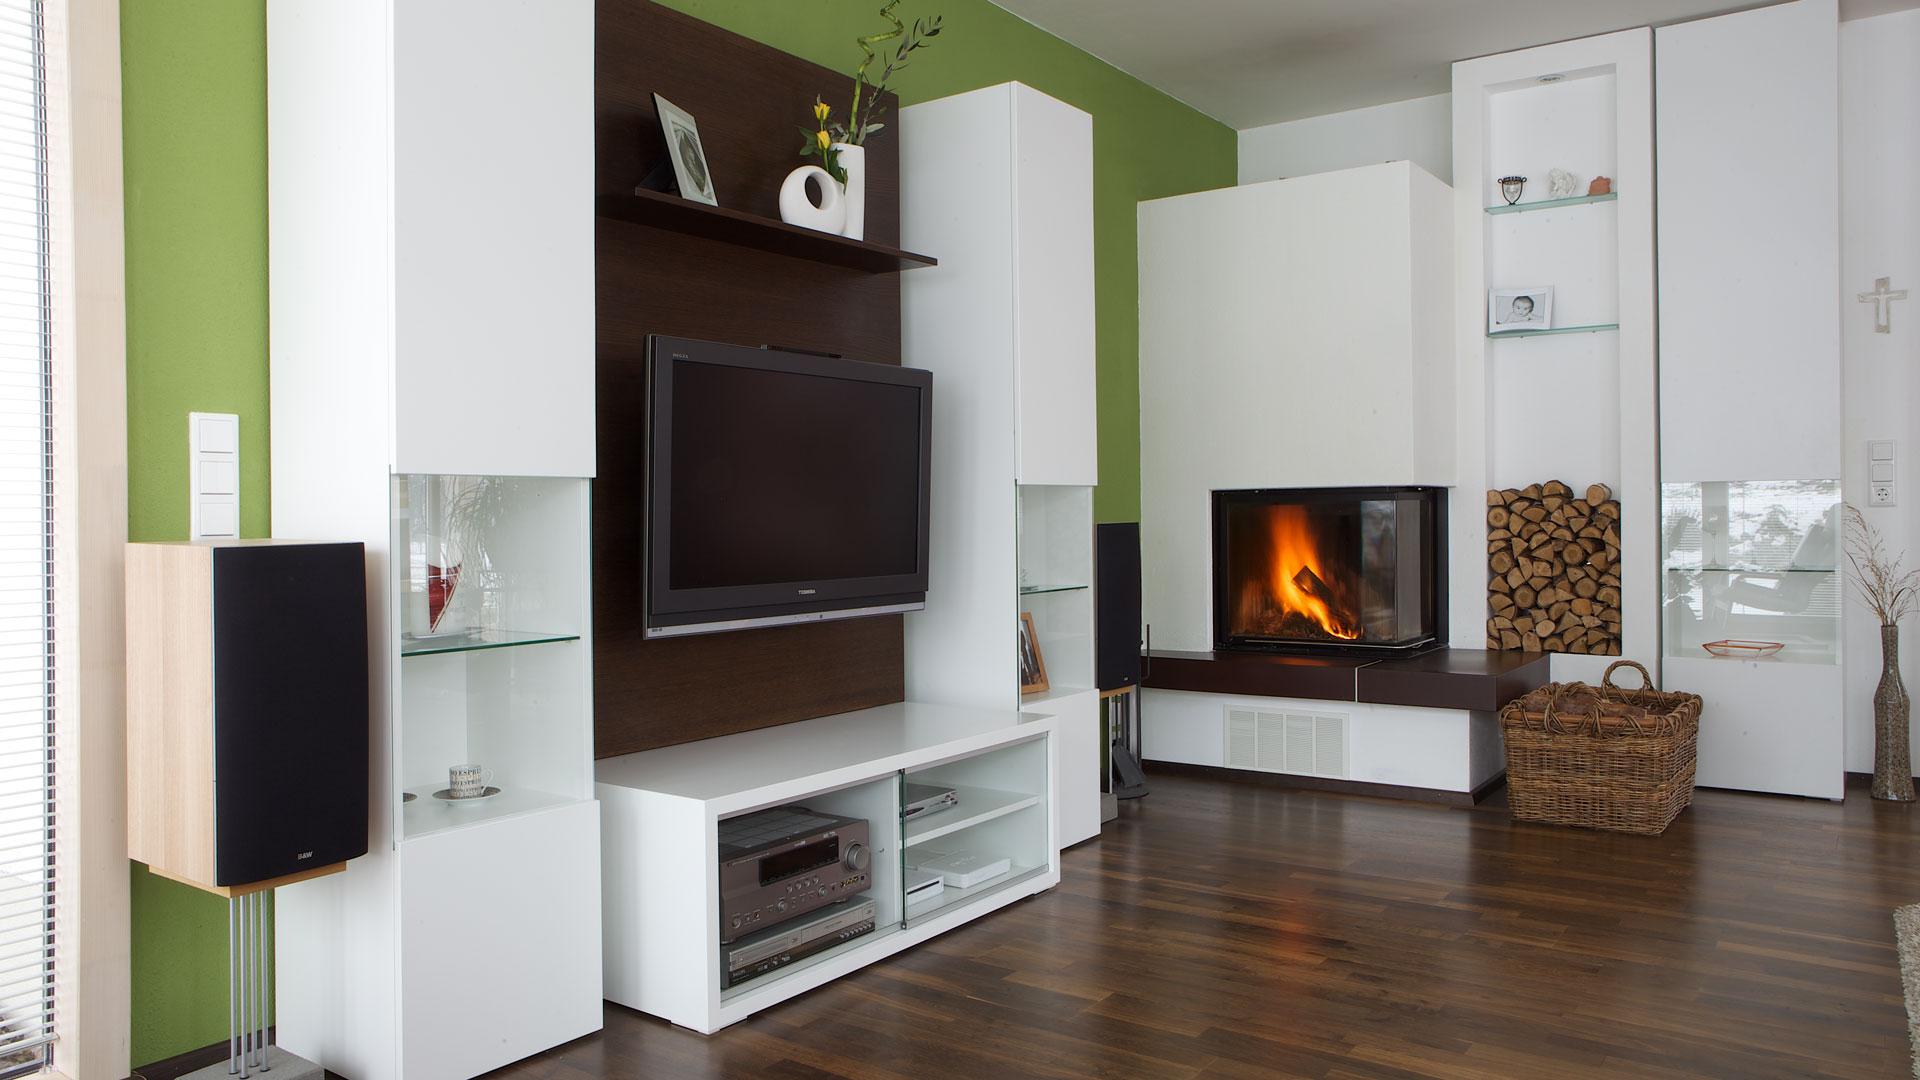 Wohnzimmer Tv Möbel 684 Schreinerei Steinberger Bubach